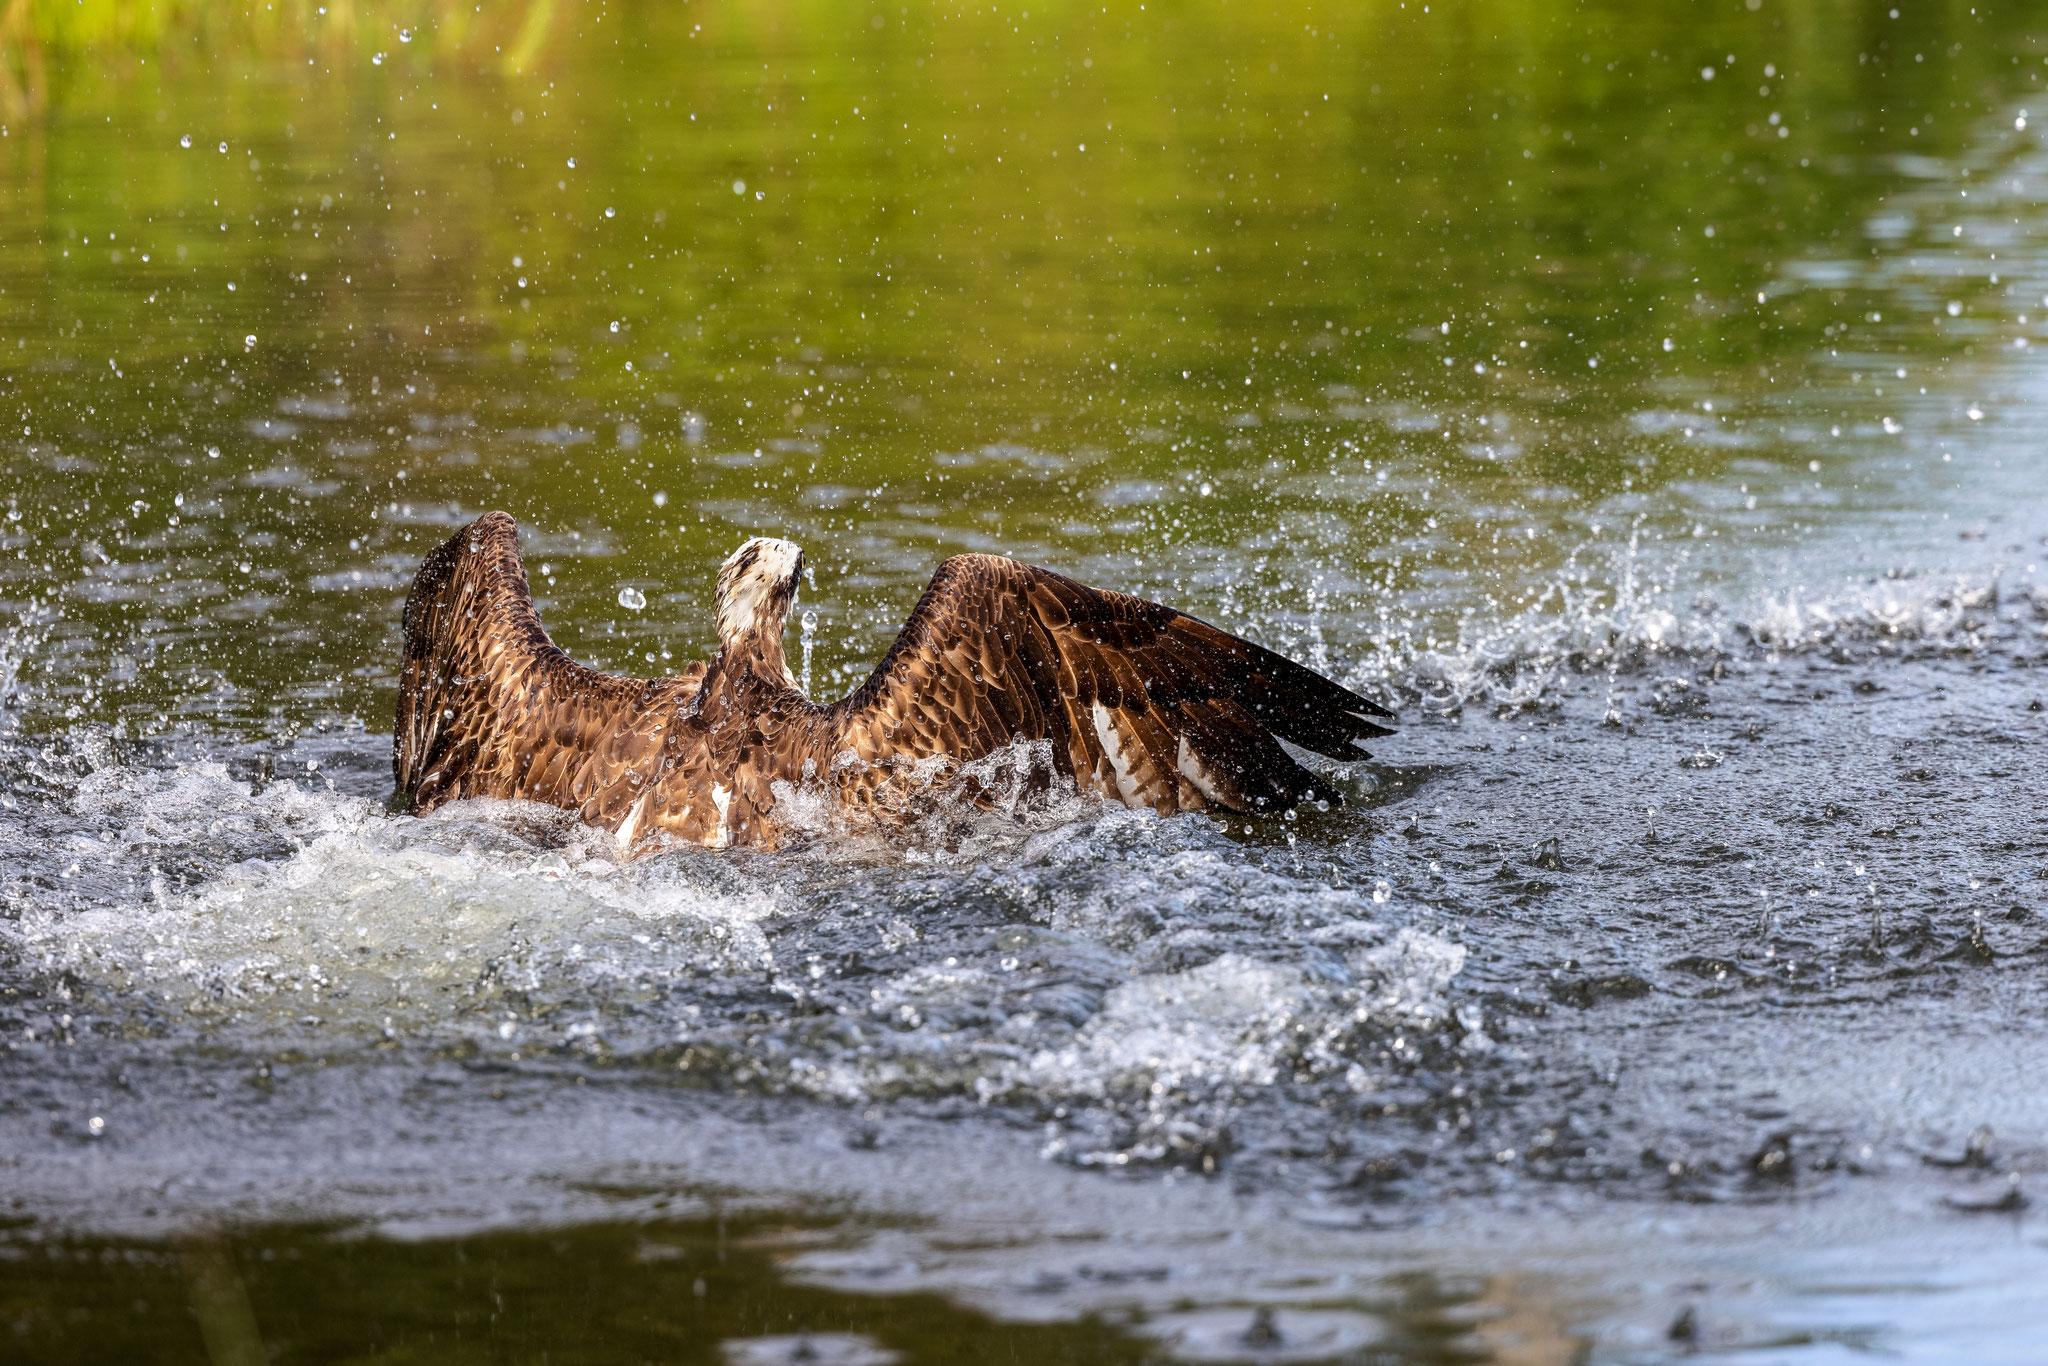 Der Vogel muss sich richtig anstrengen, um aus dem Wasser zu kommen.